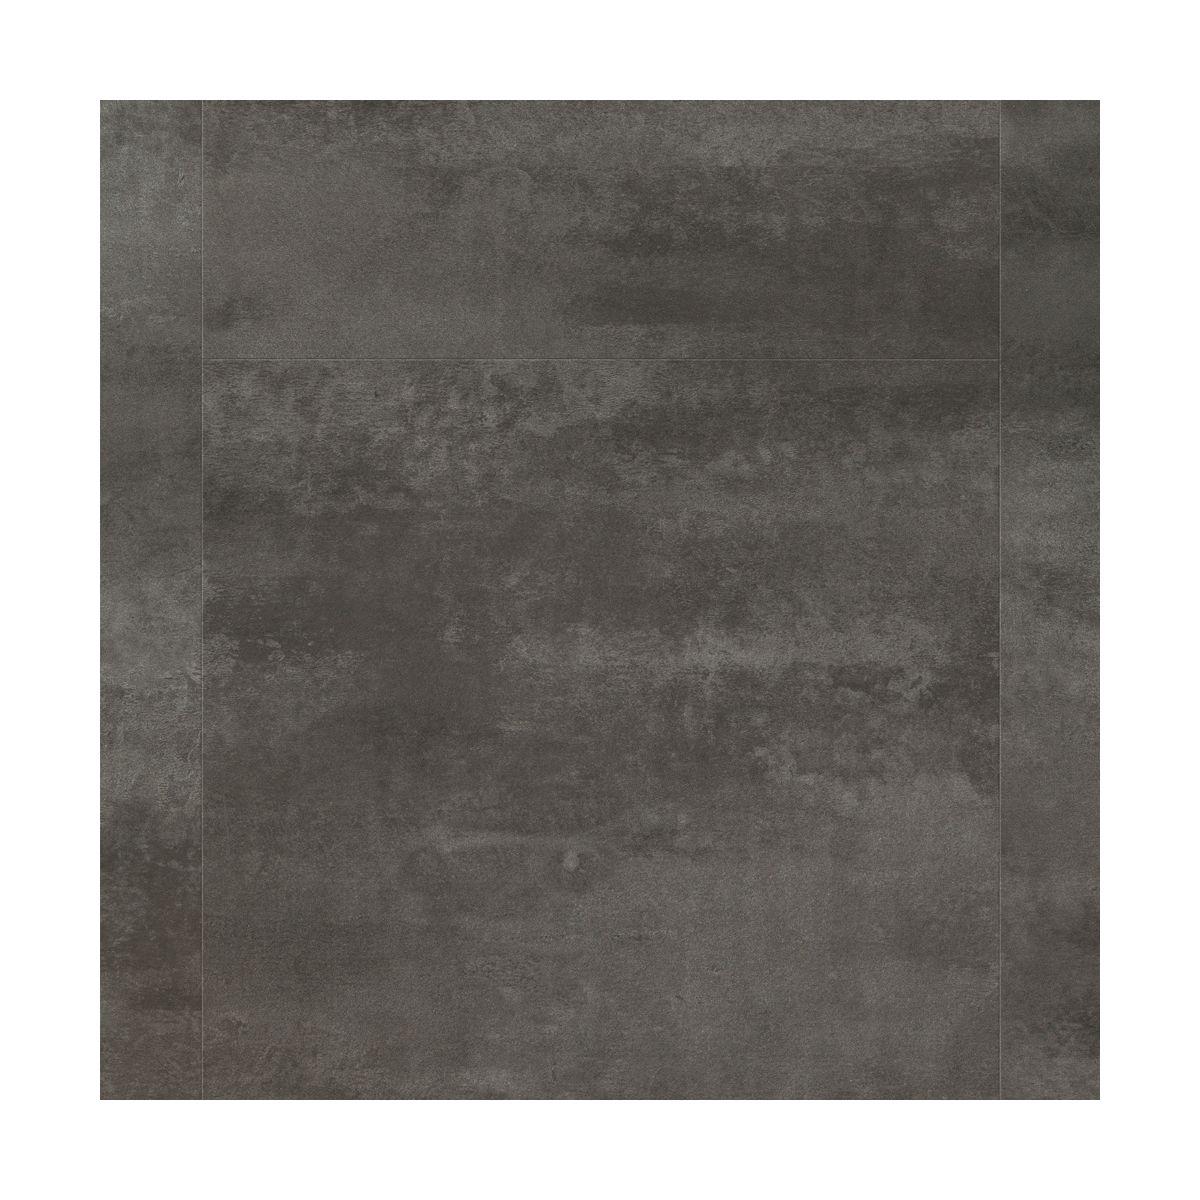 20 M /² Papier Isolant Sous-Couche de Papier Mur Isolation Thermo-Tap 3 3mm